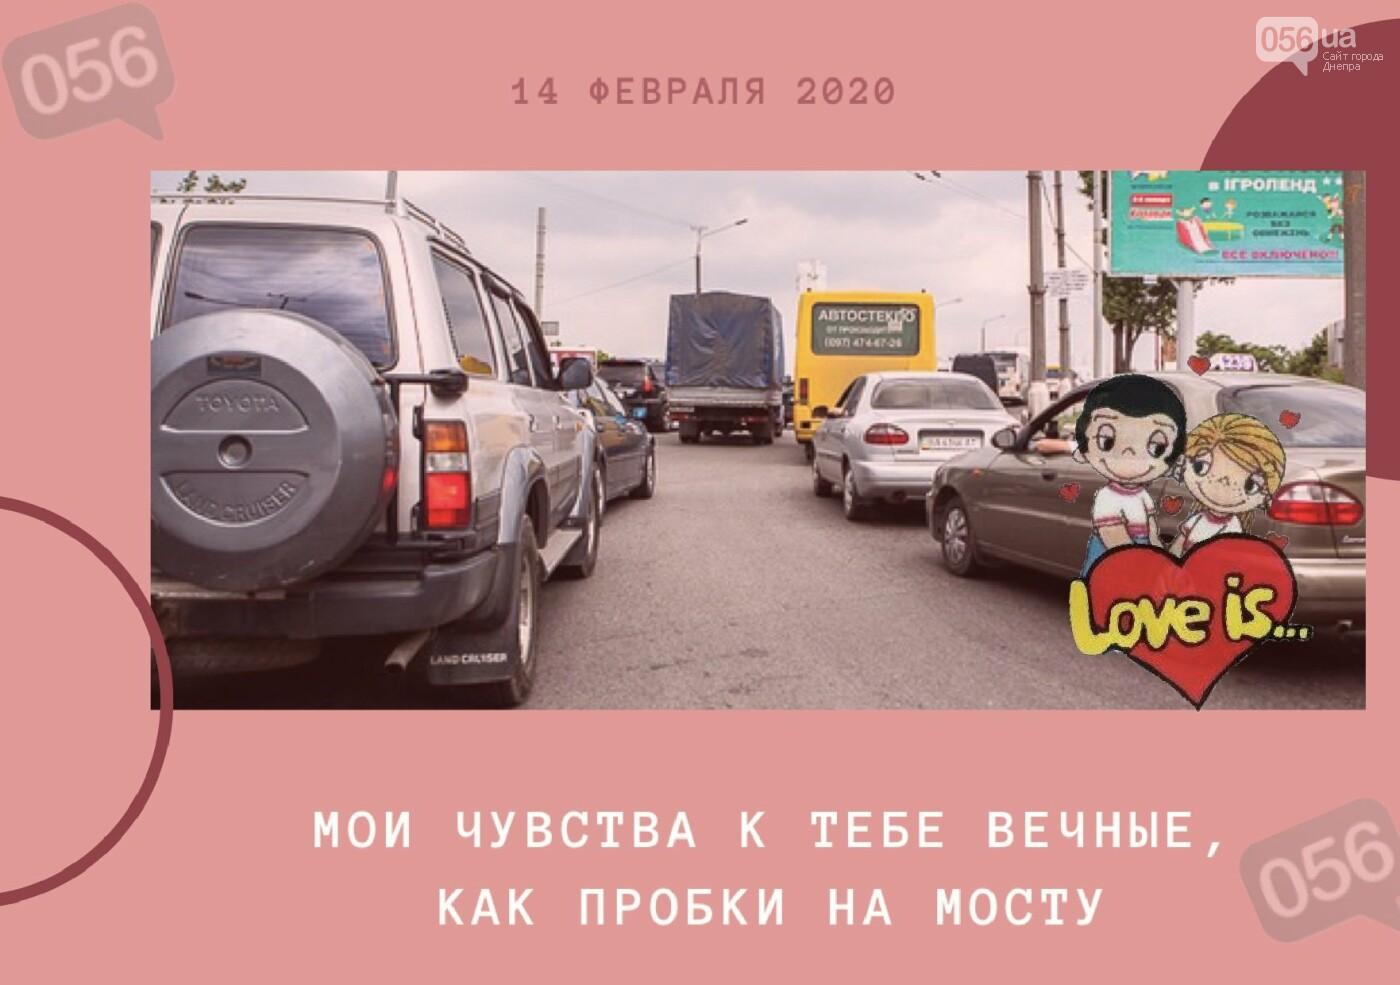 День всех влюблённых в Днепре: валентинки от 056 , фото-7